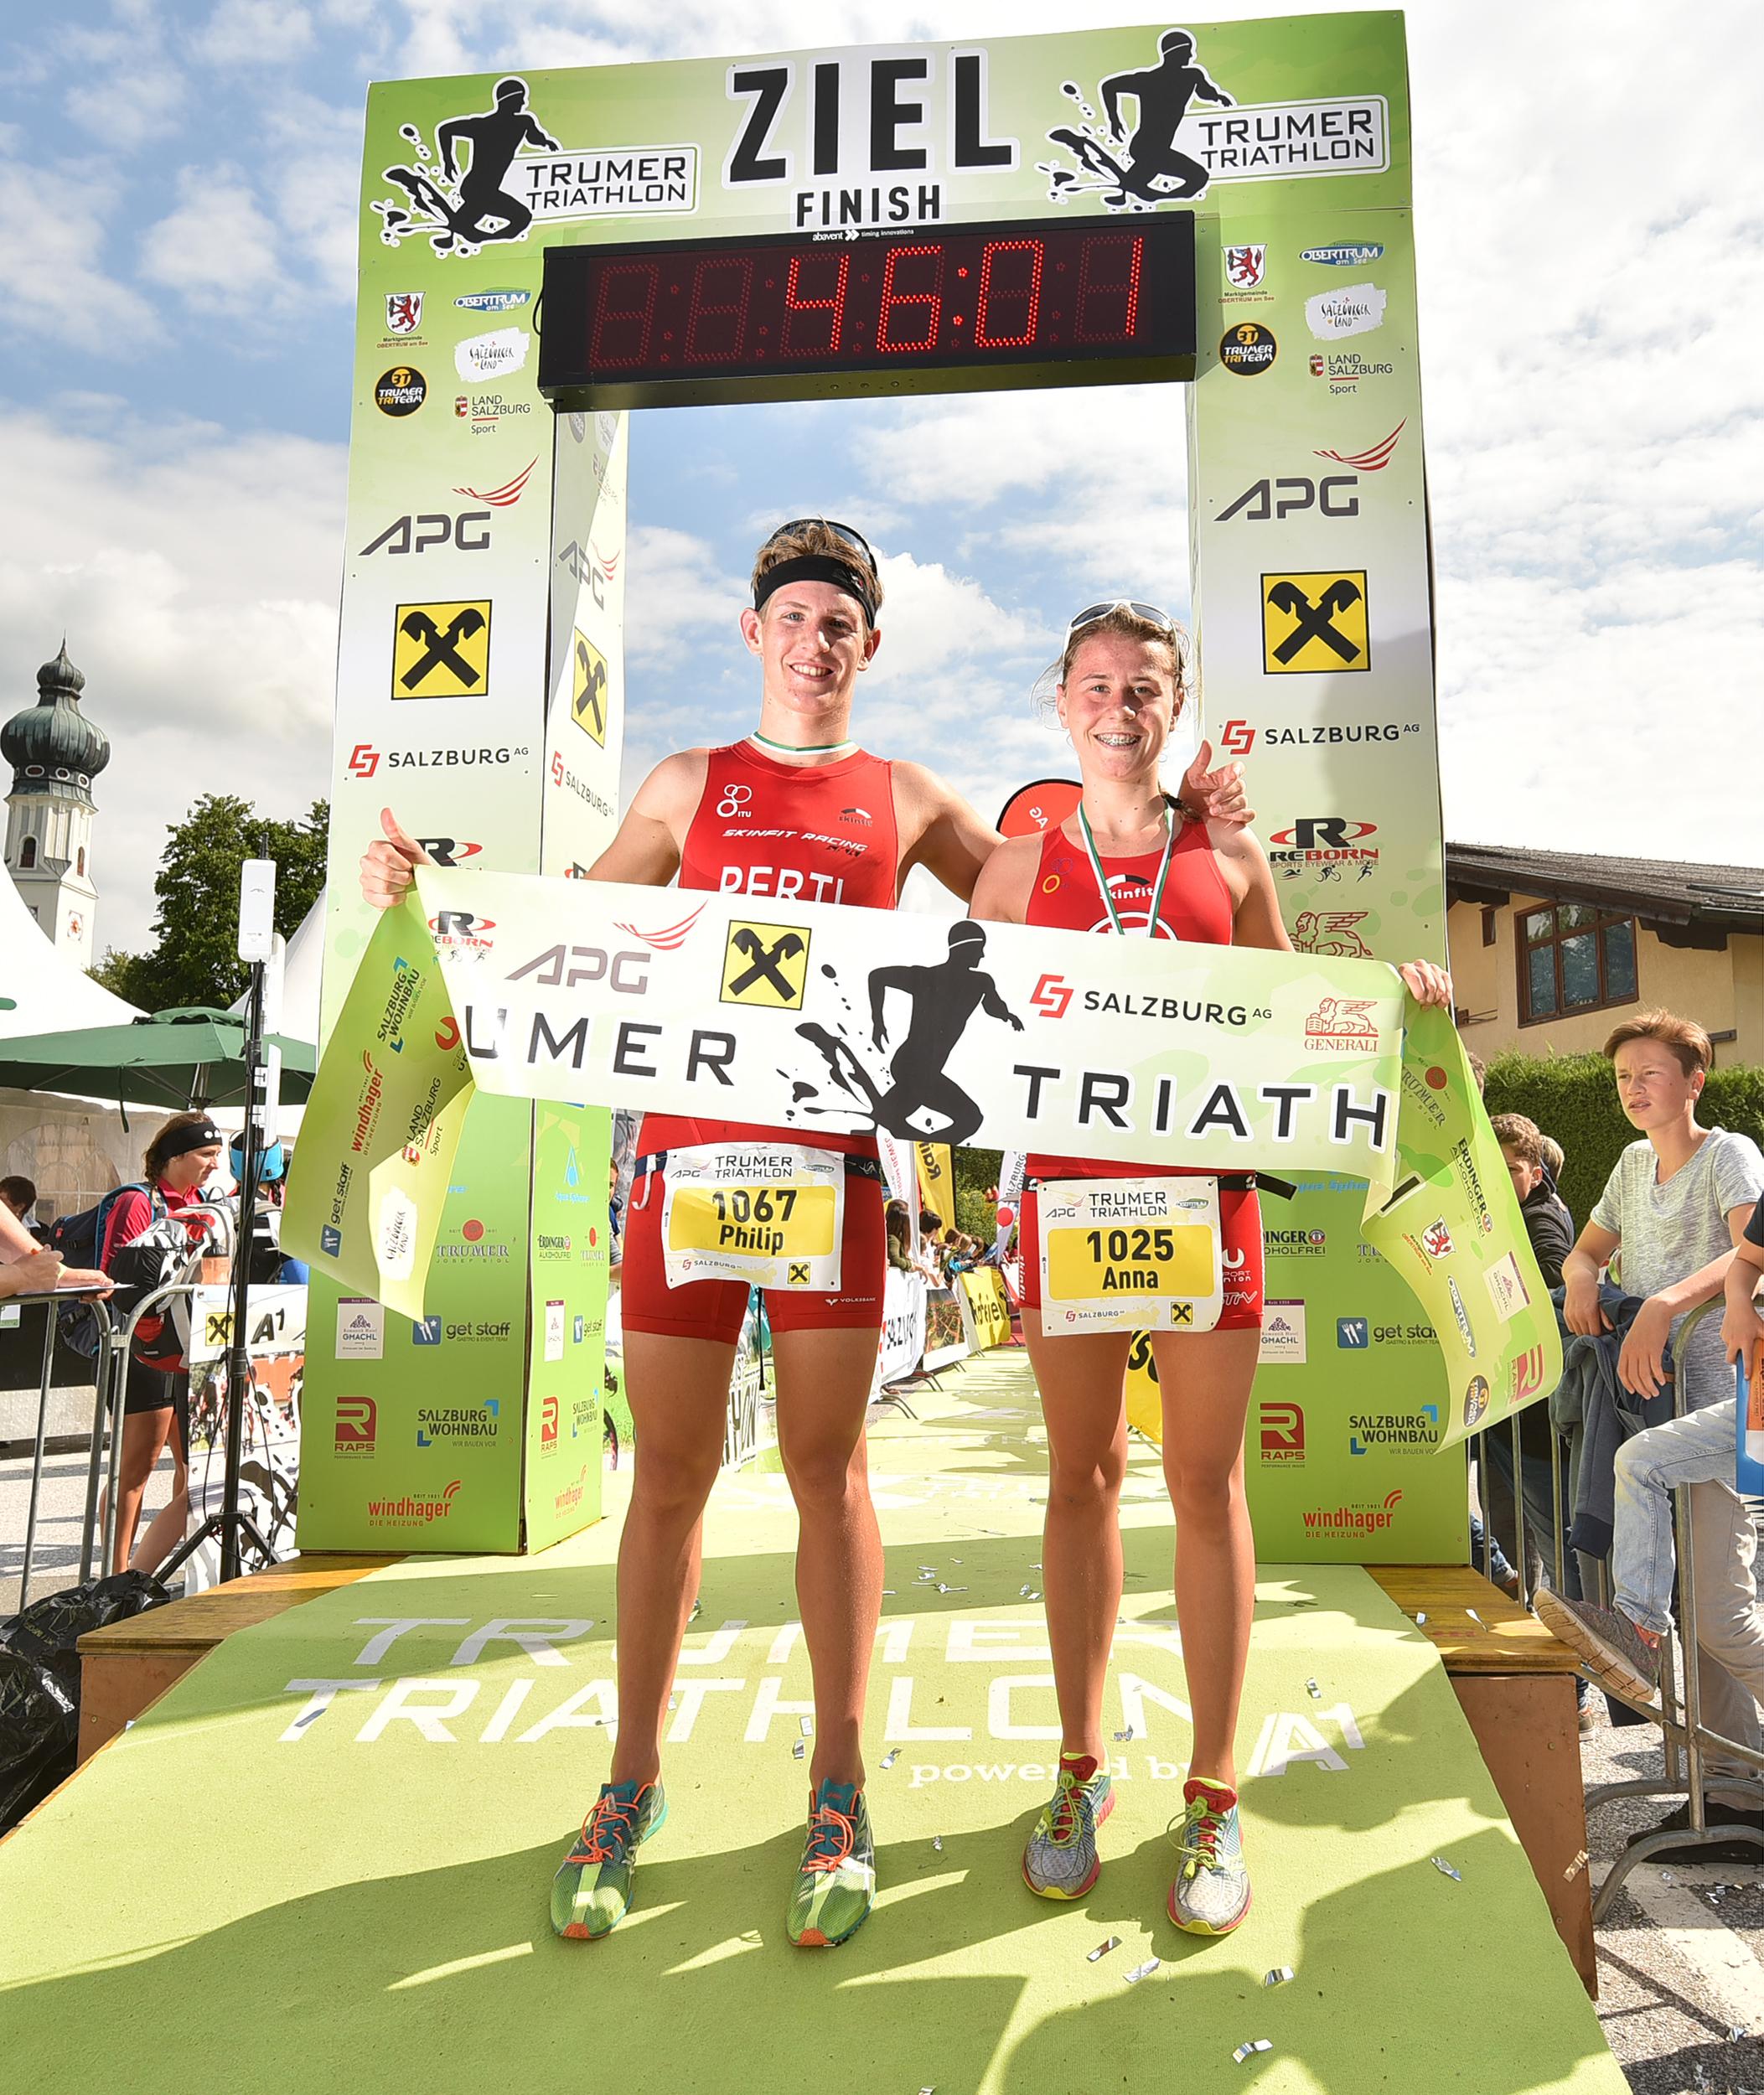 Sieger beim Triathlon in Obertrum